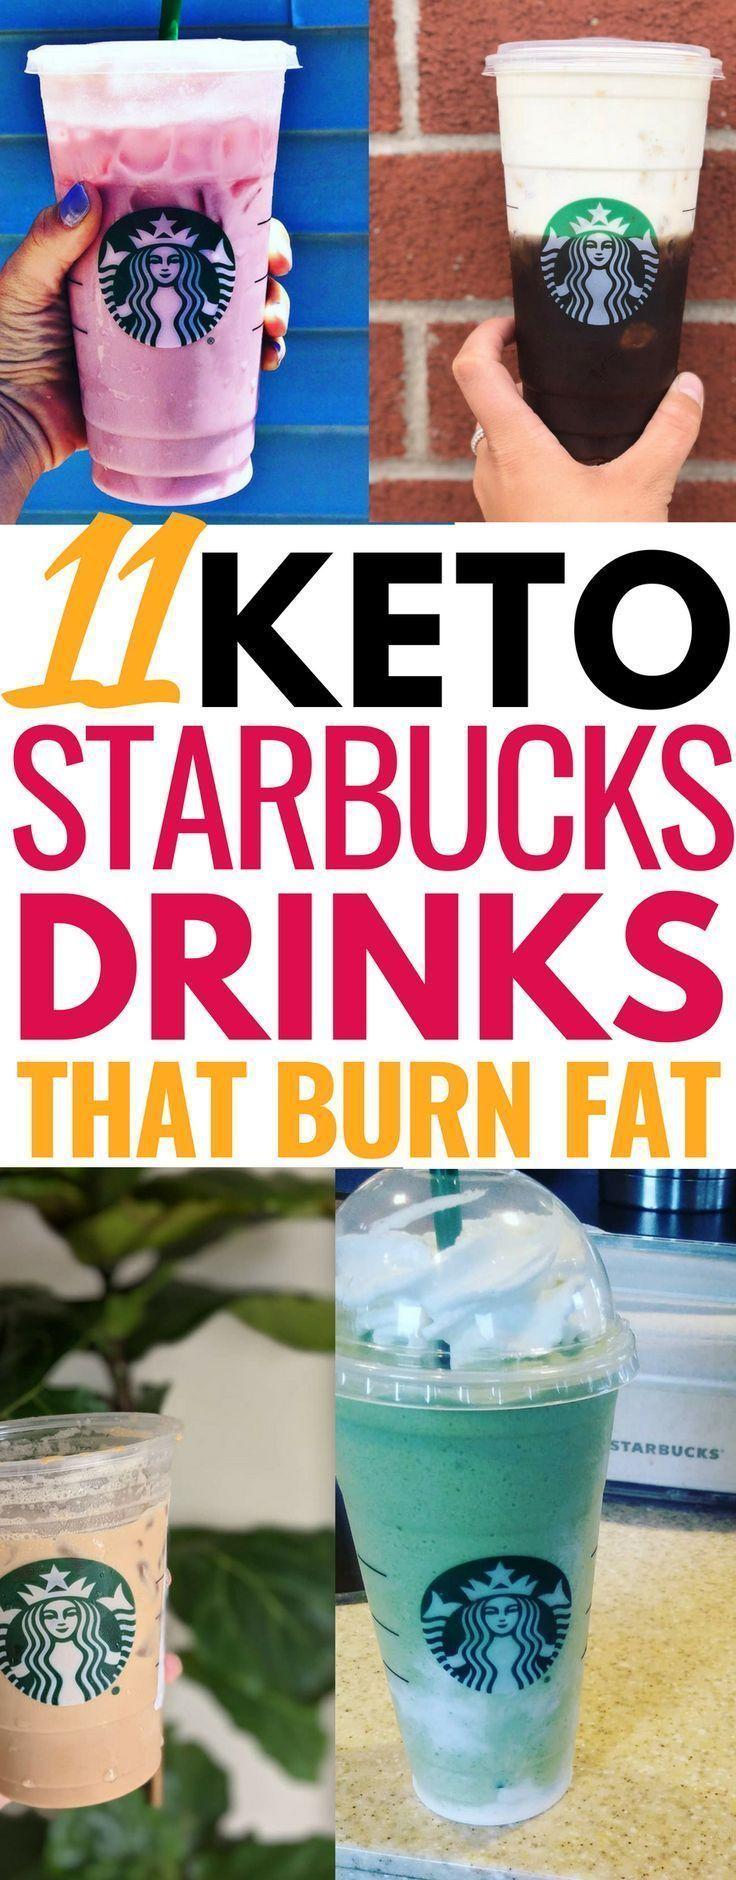 Diese Keto Starbucks Drinks sind DIE BESTEN! Außerdem sind sie perfekt für mich